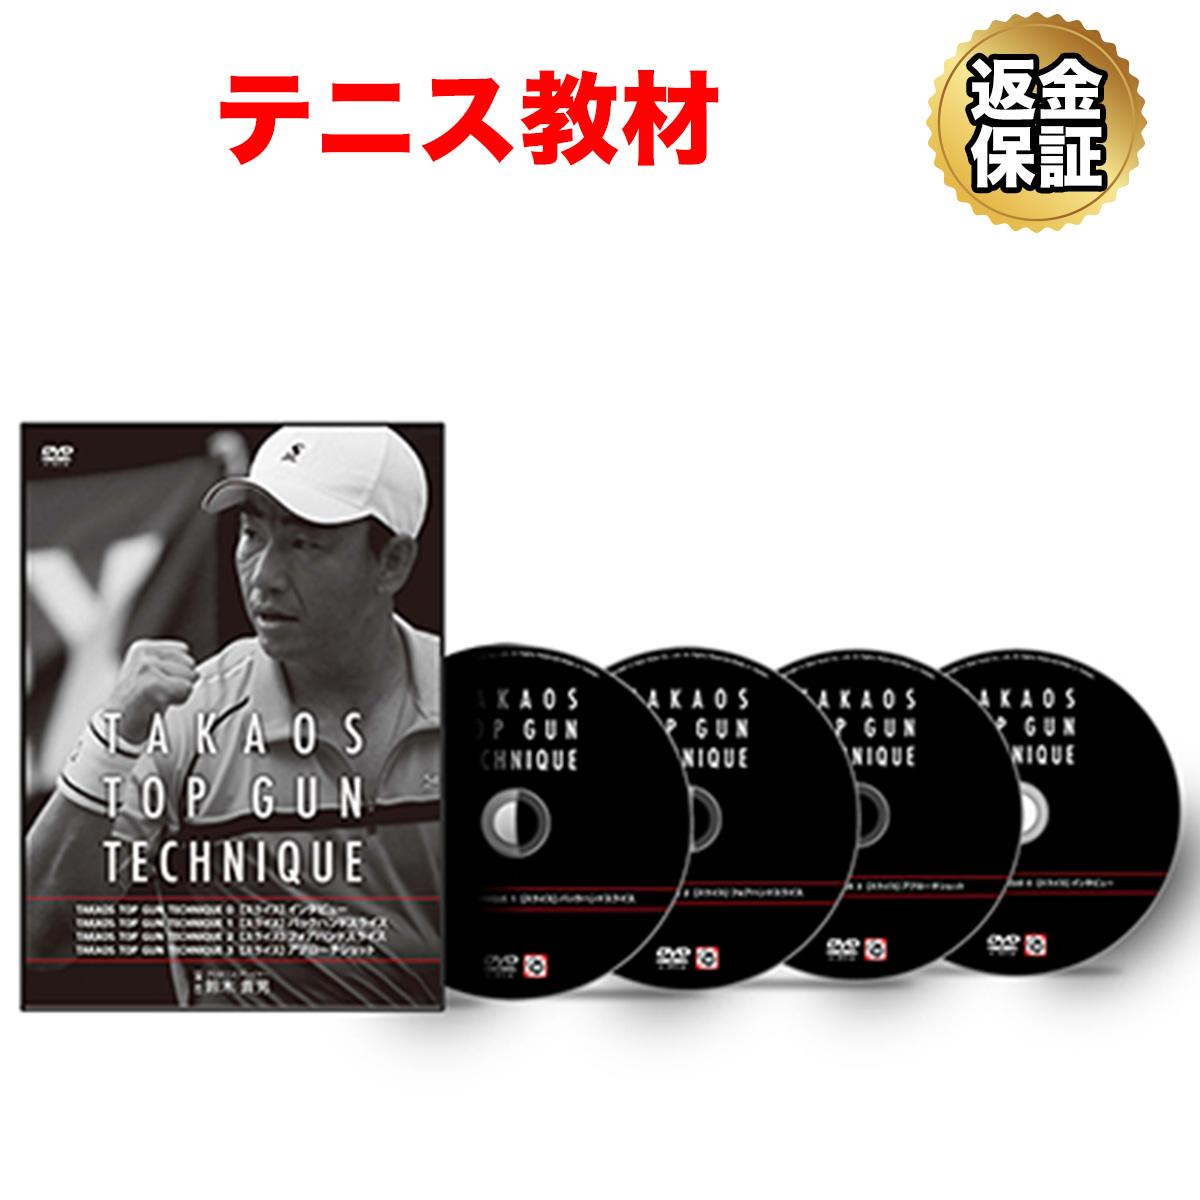 テニス 教材 DVD 鈴木貴男の TOP GUN TECHNIQUE 00~03【スライス】